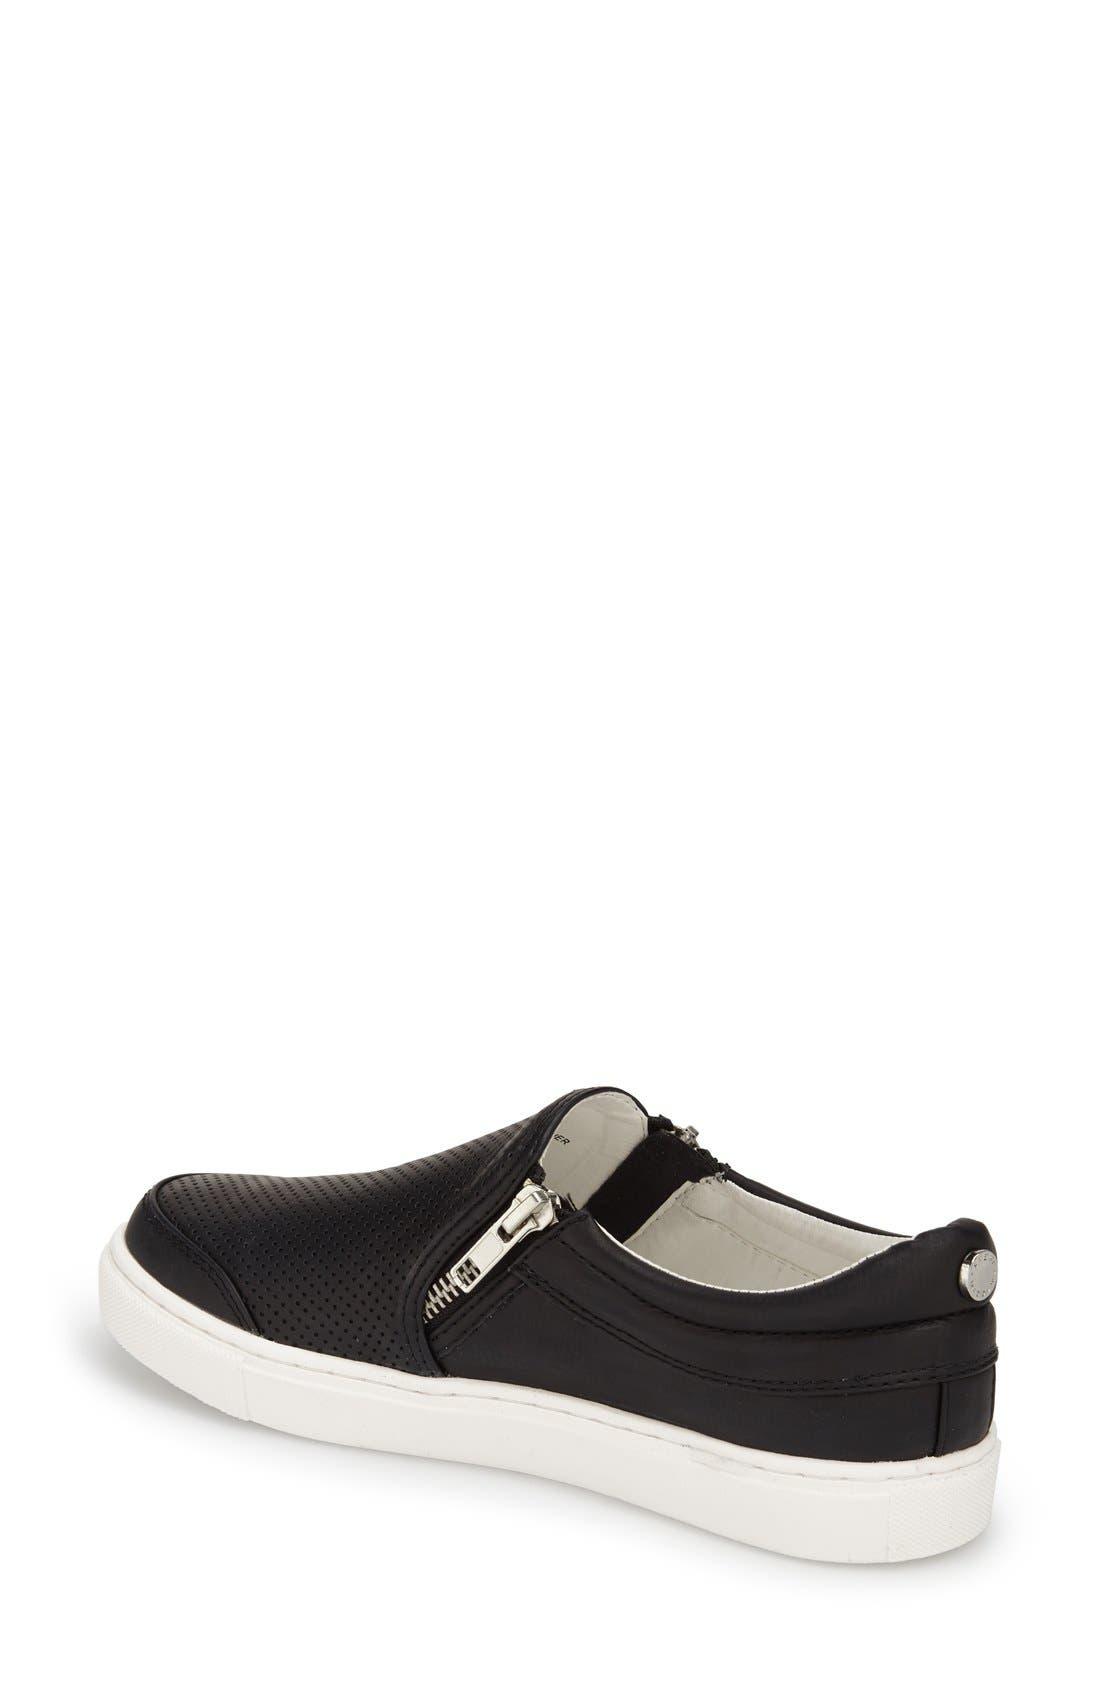 Alternate Image 2  - Steve Madden 'Ellias' Slip-On Sneaker (Women)